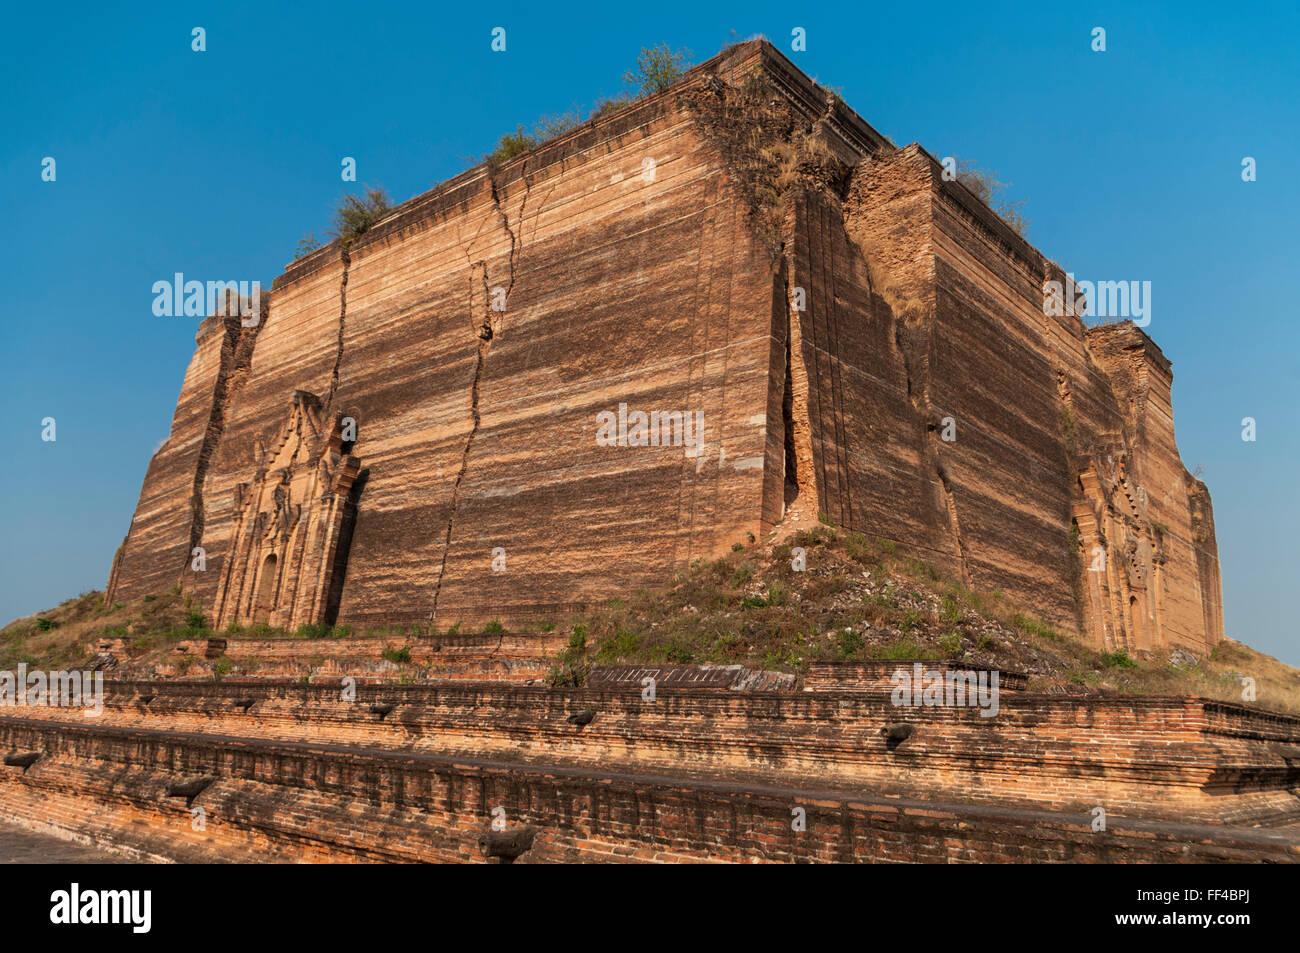 Terremoto grietas en Mingun Pahtodawgyi inacabada intencionadamente, una estupa, hecha de ladrillos. Mingun, Myanmar. Foto de stock